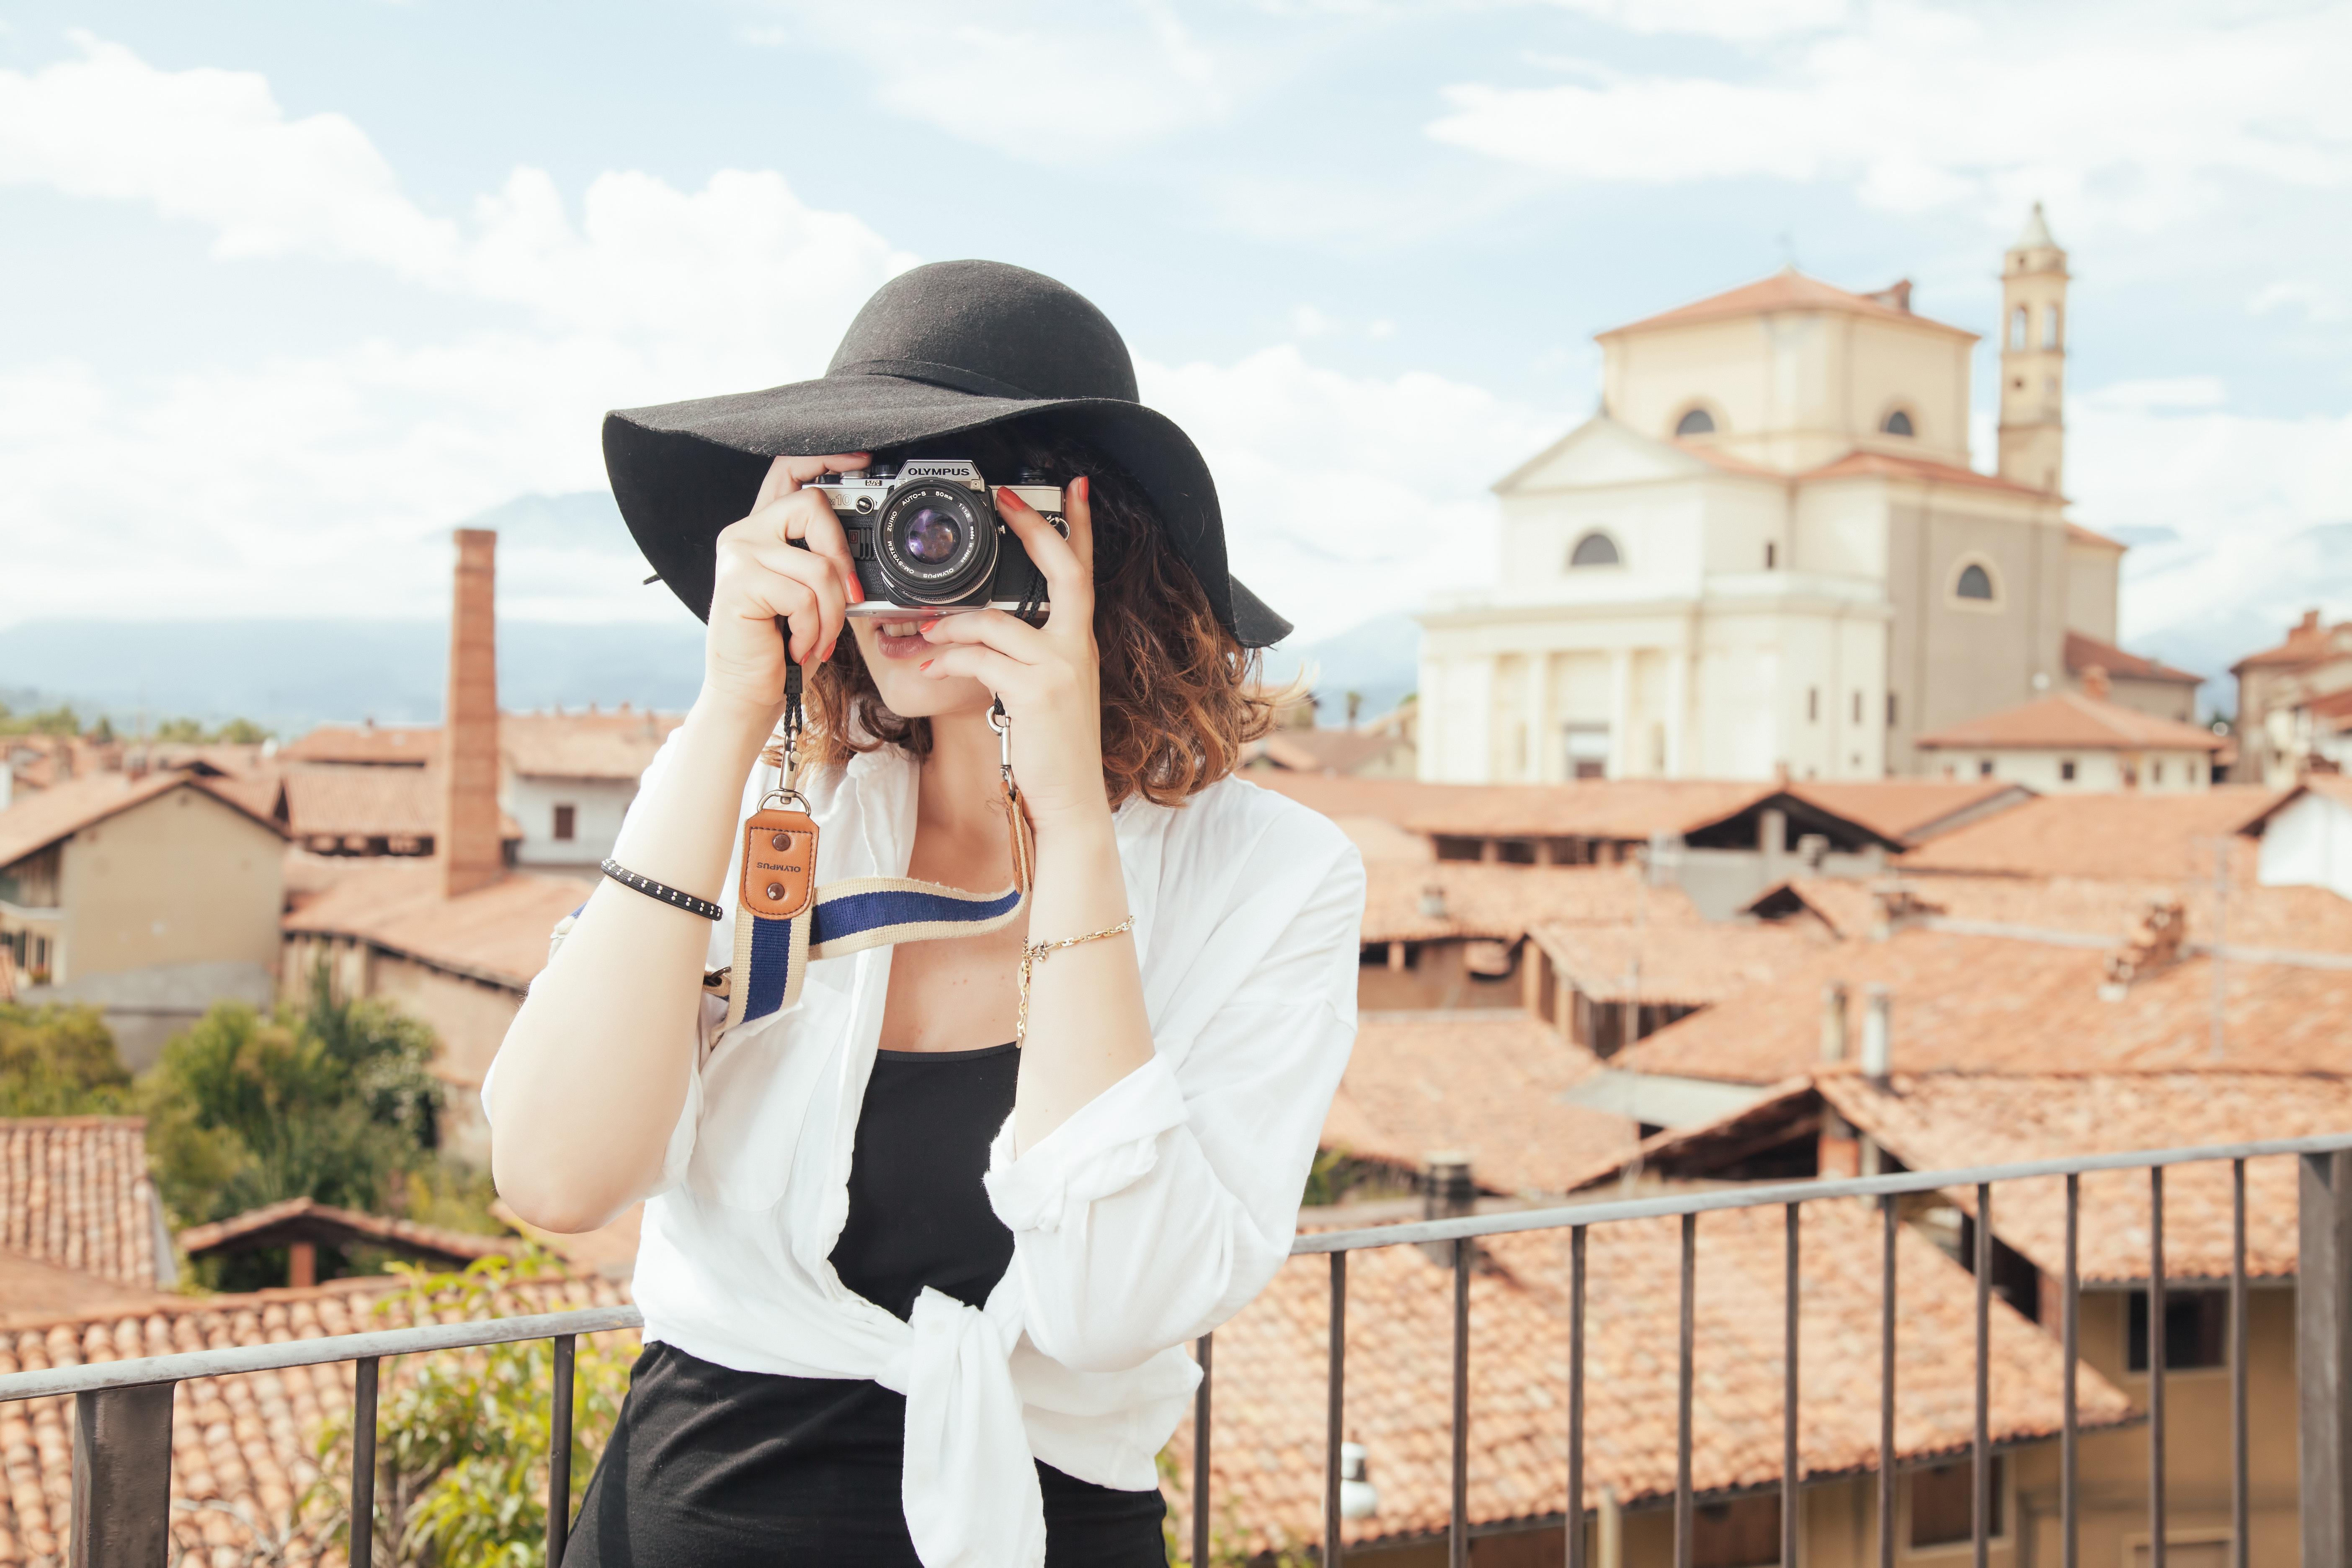 Vrouw maakt foto bij stadje